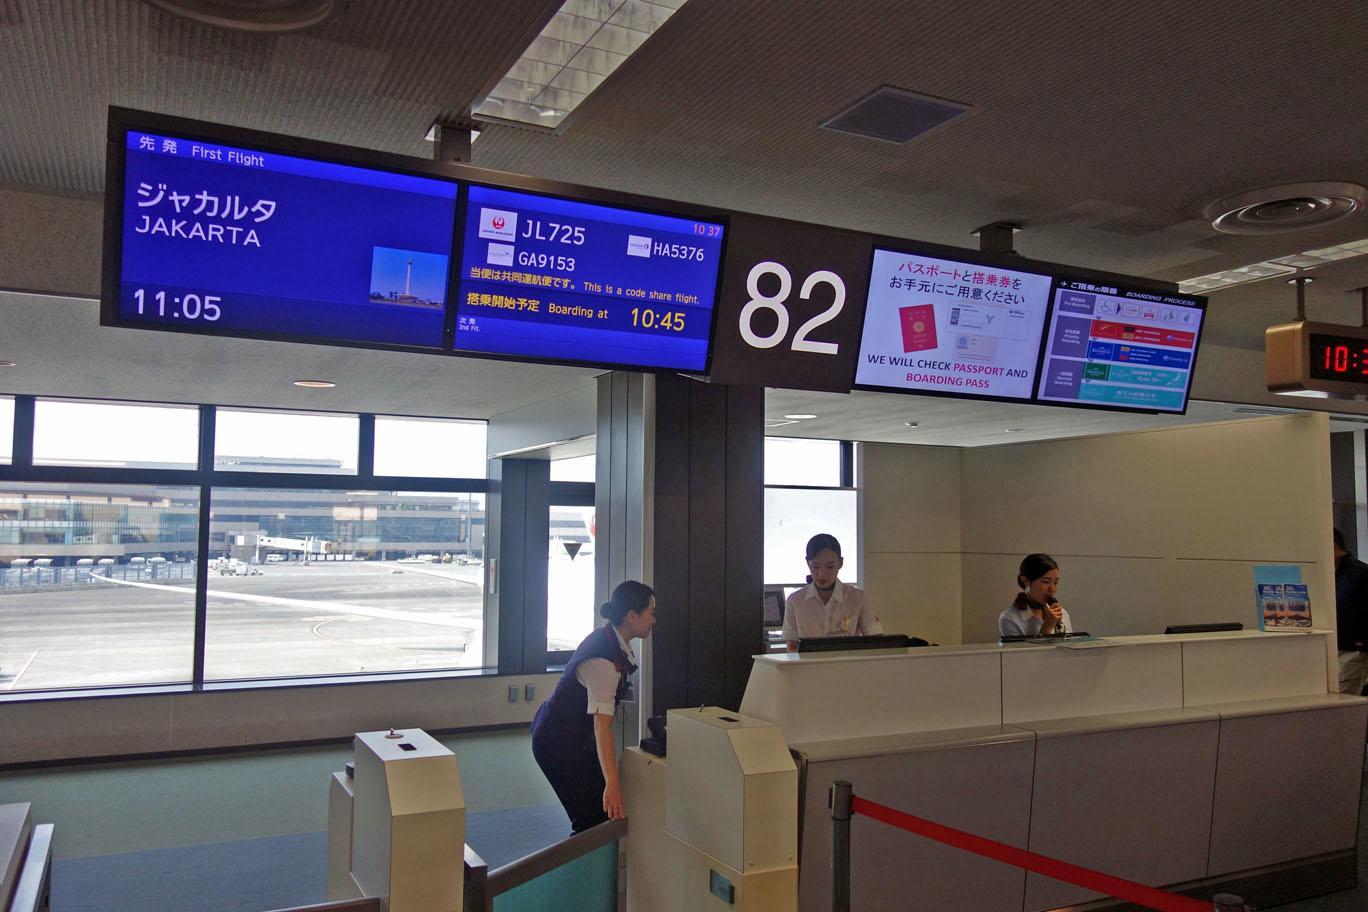 Обзор: JAL, бизнес-класс (789), Токио – Джакарта